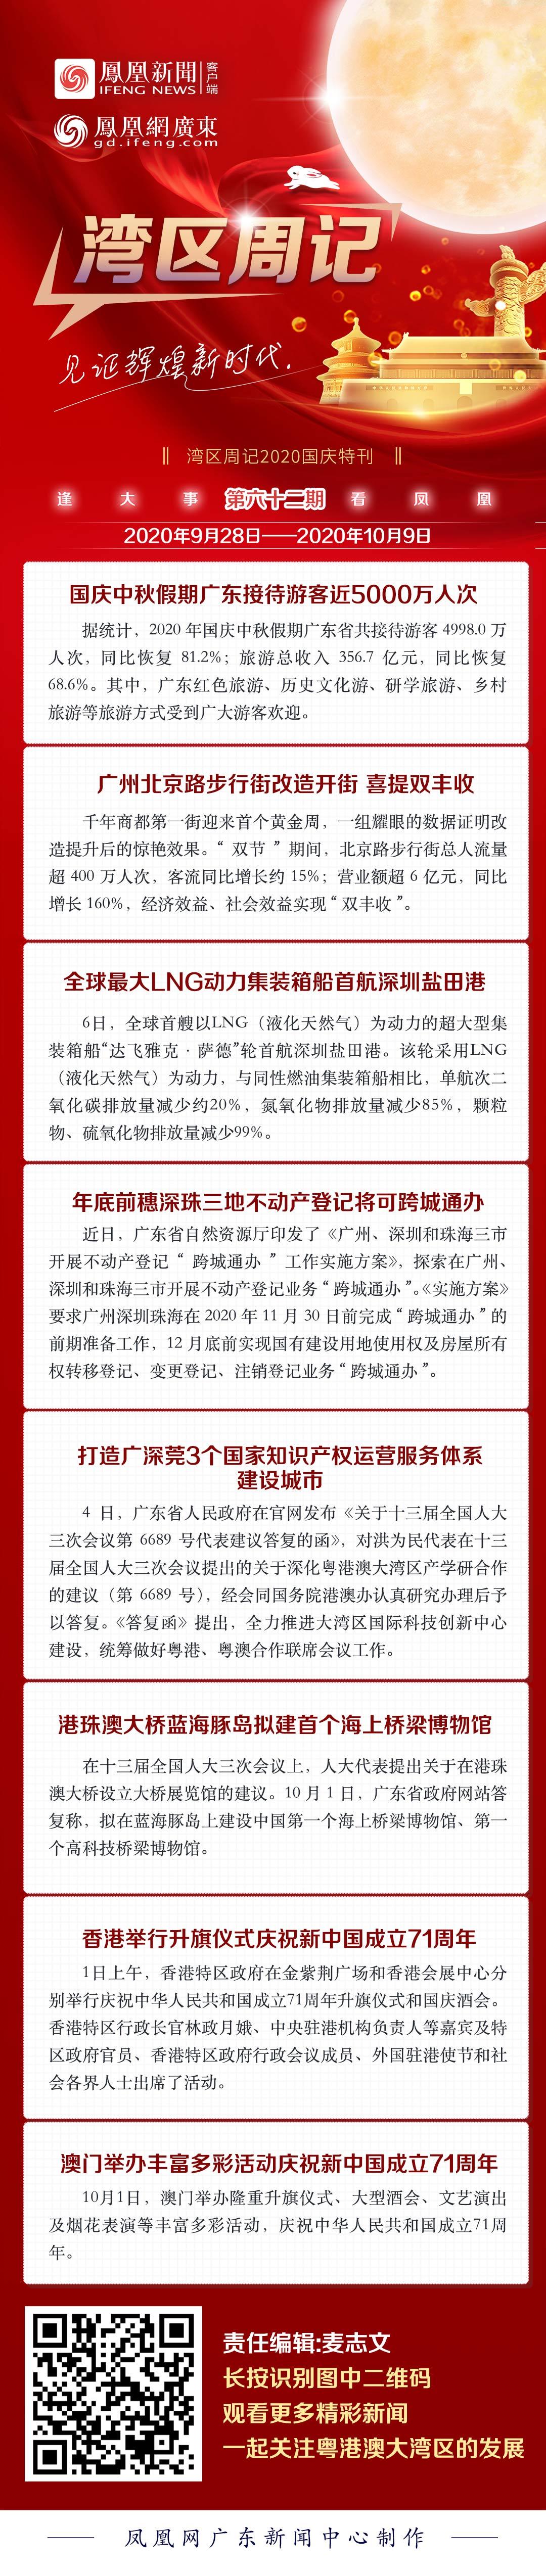 湾区周记No.62丨国庆中秋假期广东接待游客近5000万人次